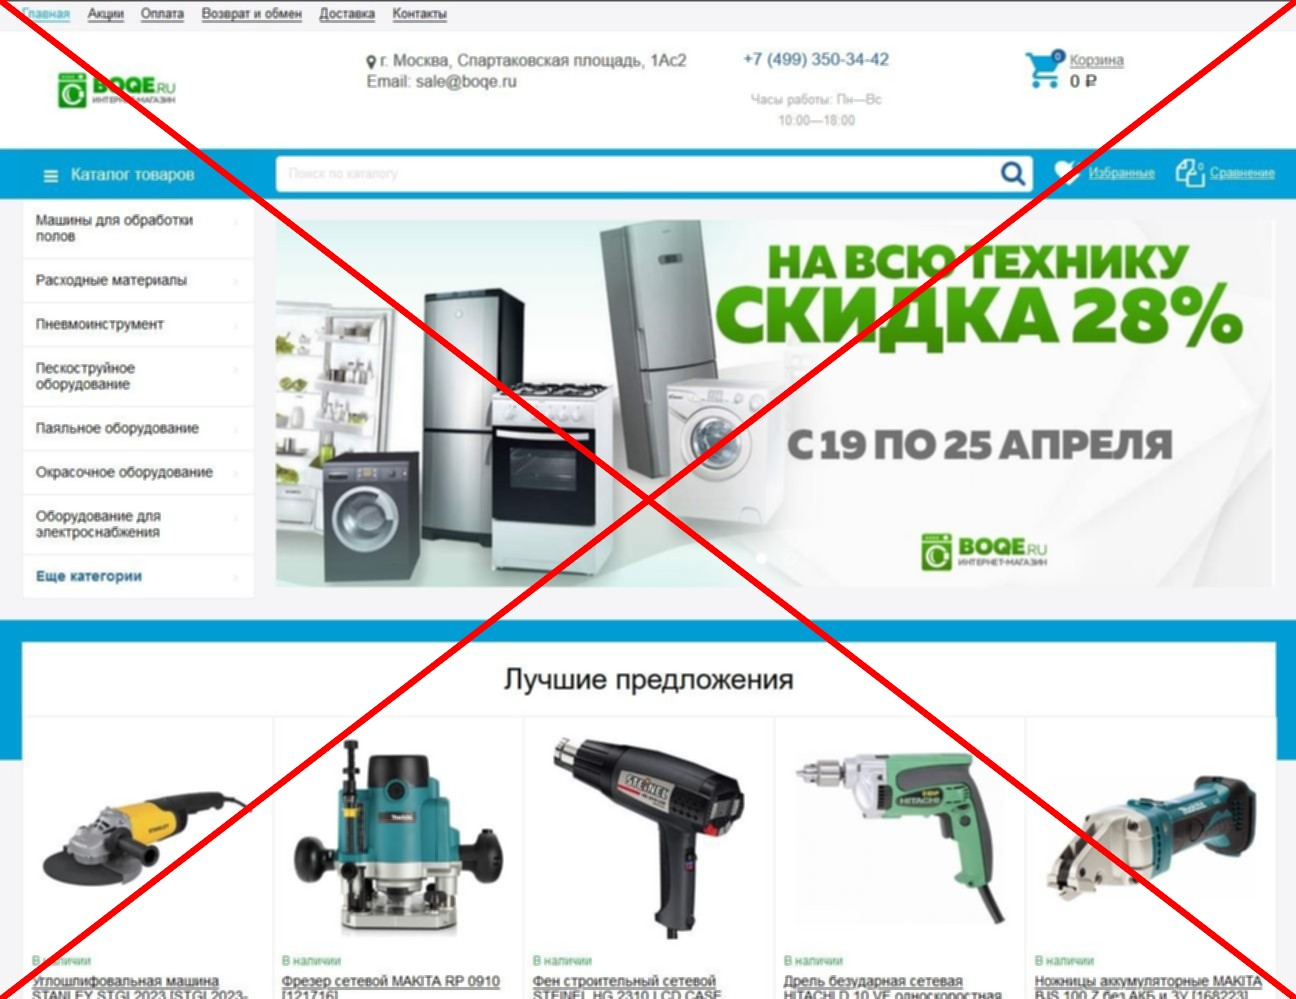 Скрин boqe.ru